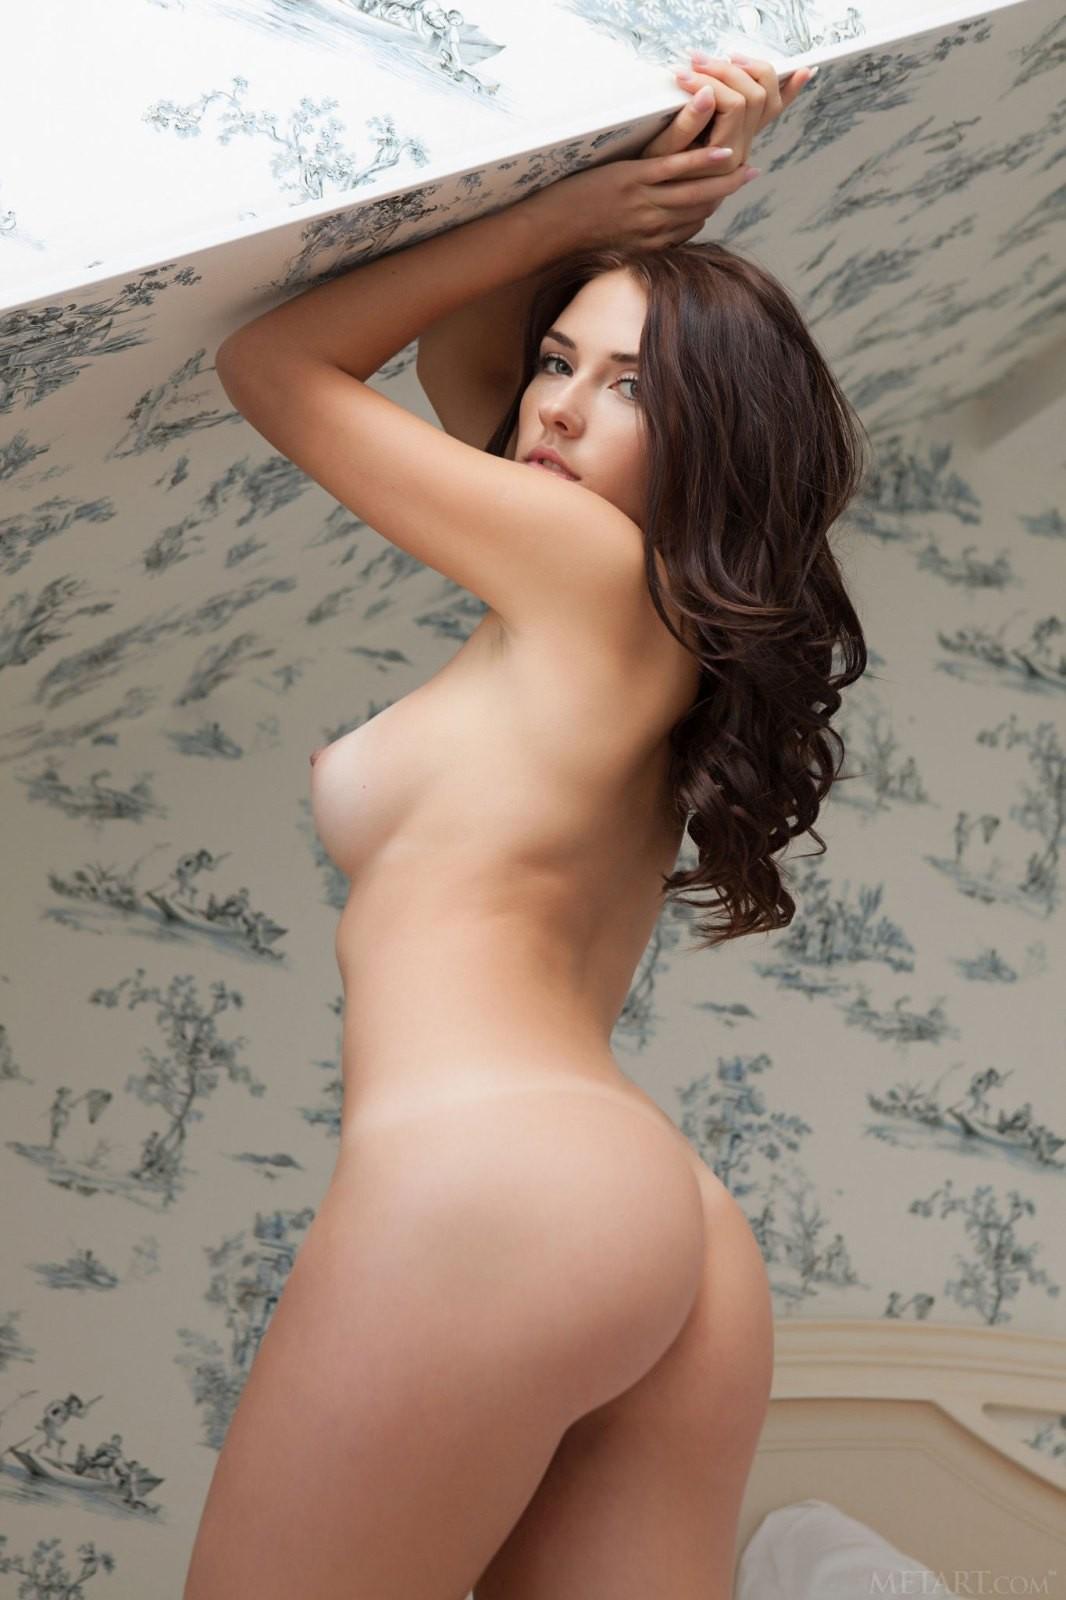 Соска с упругой грудью и красивой жопой - фото